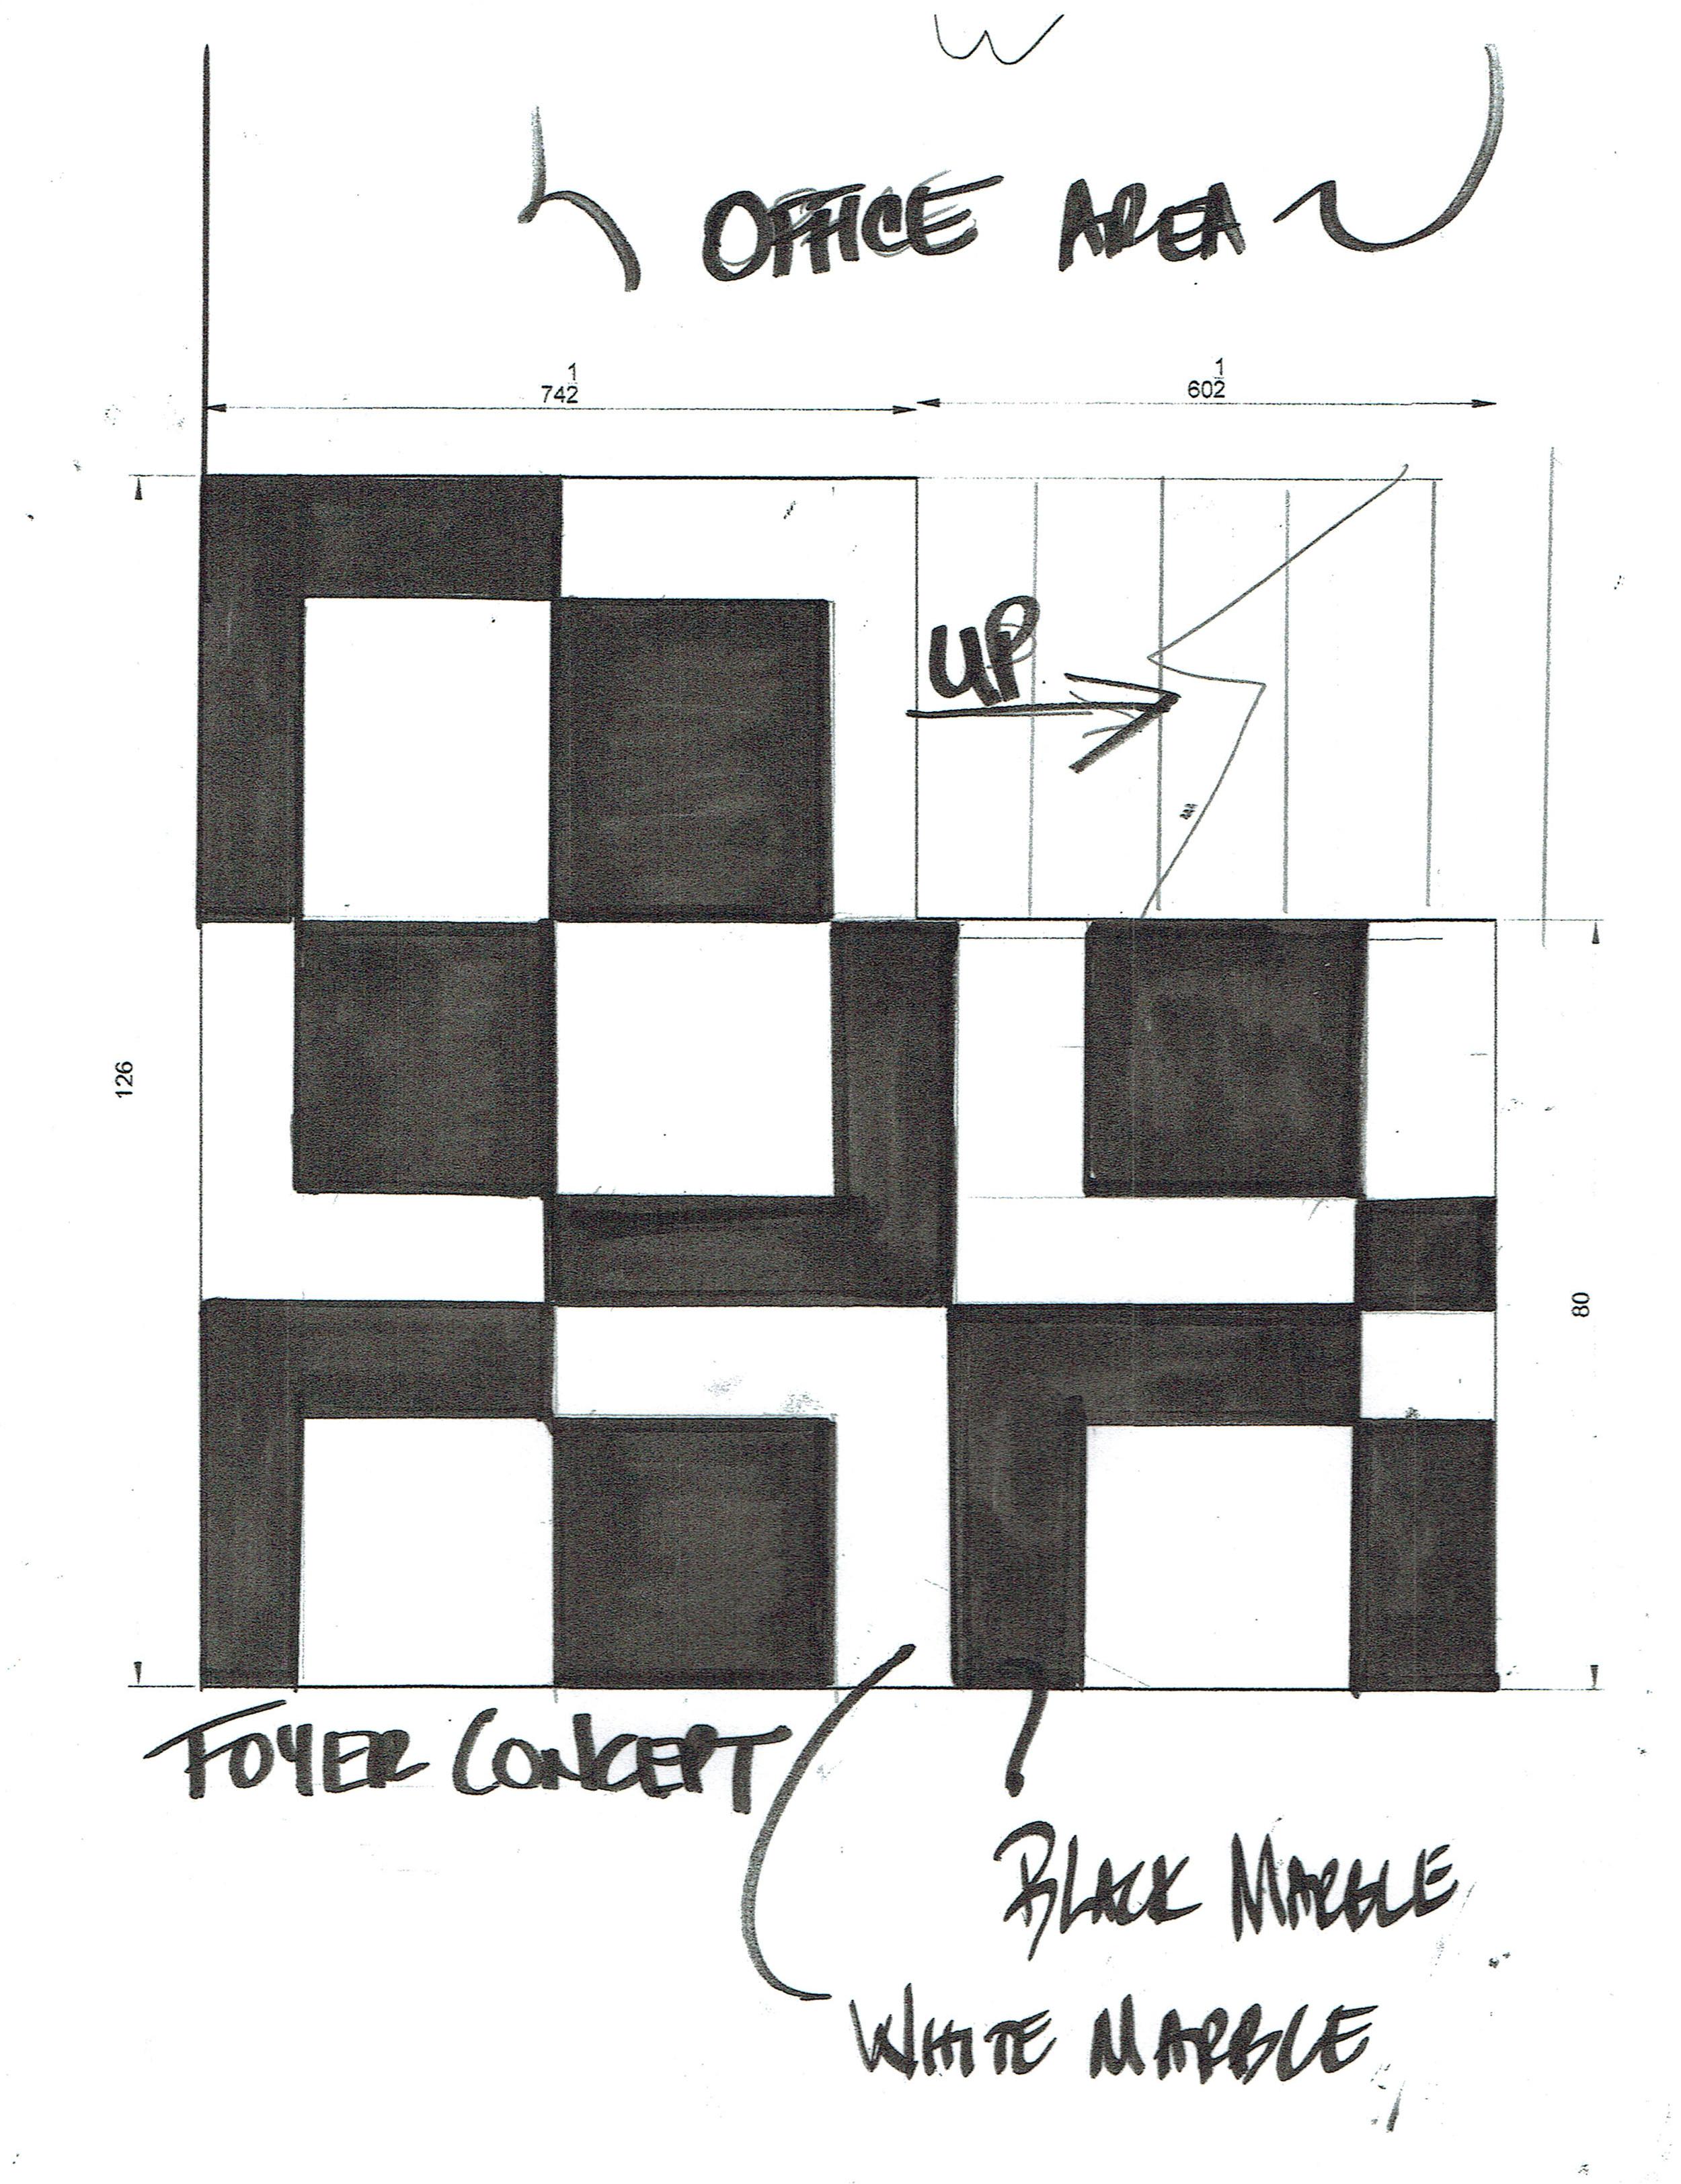 floor design for foyer 321 Richview.jpg